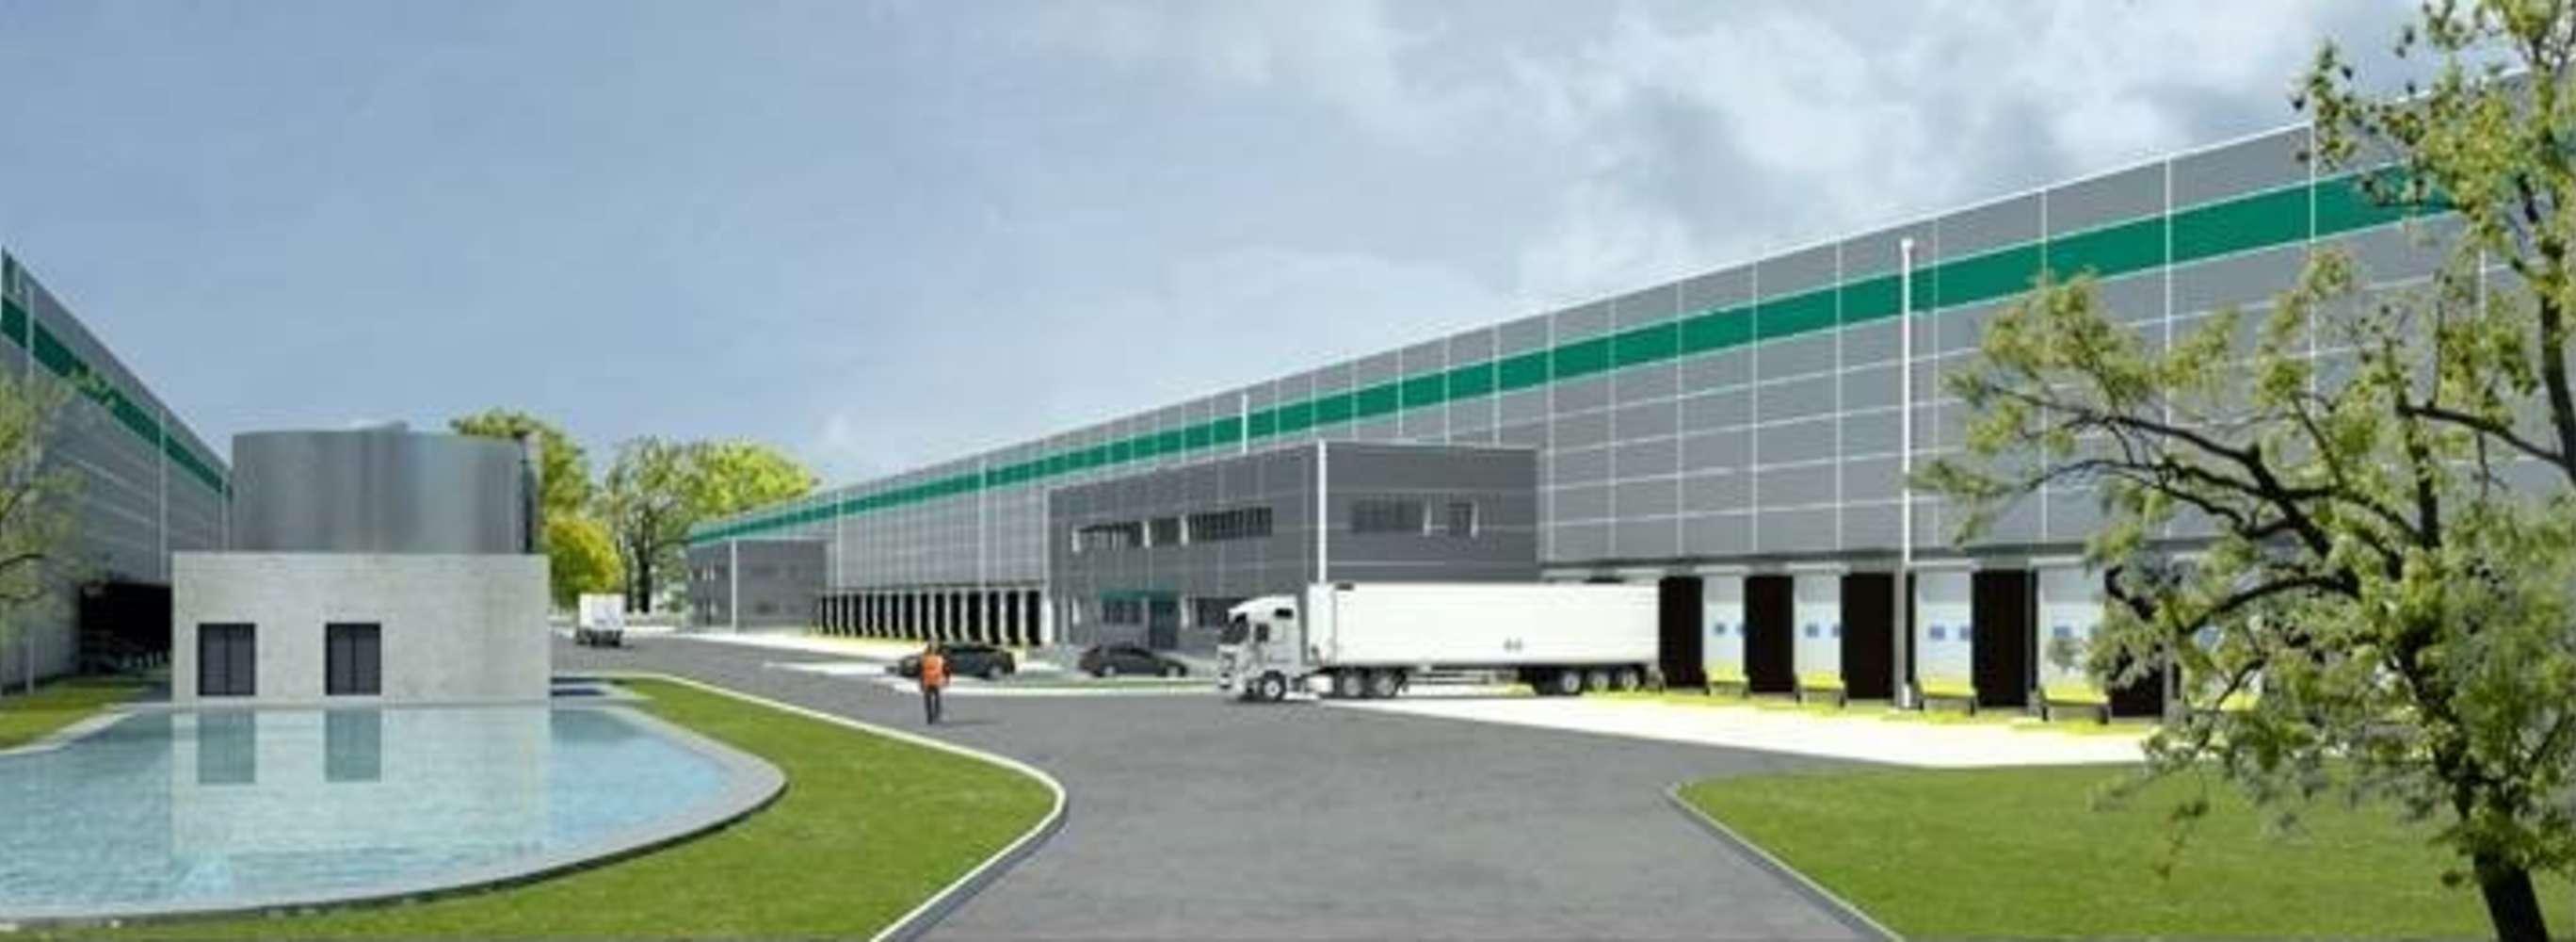 Magazzini industriali e logistici Piacenza, 29122 - Area logistica Piacenza - 10878333